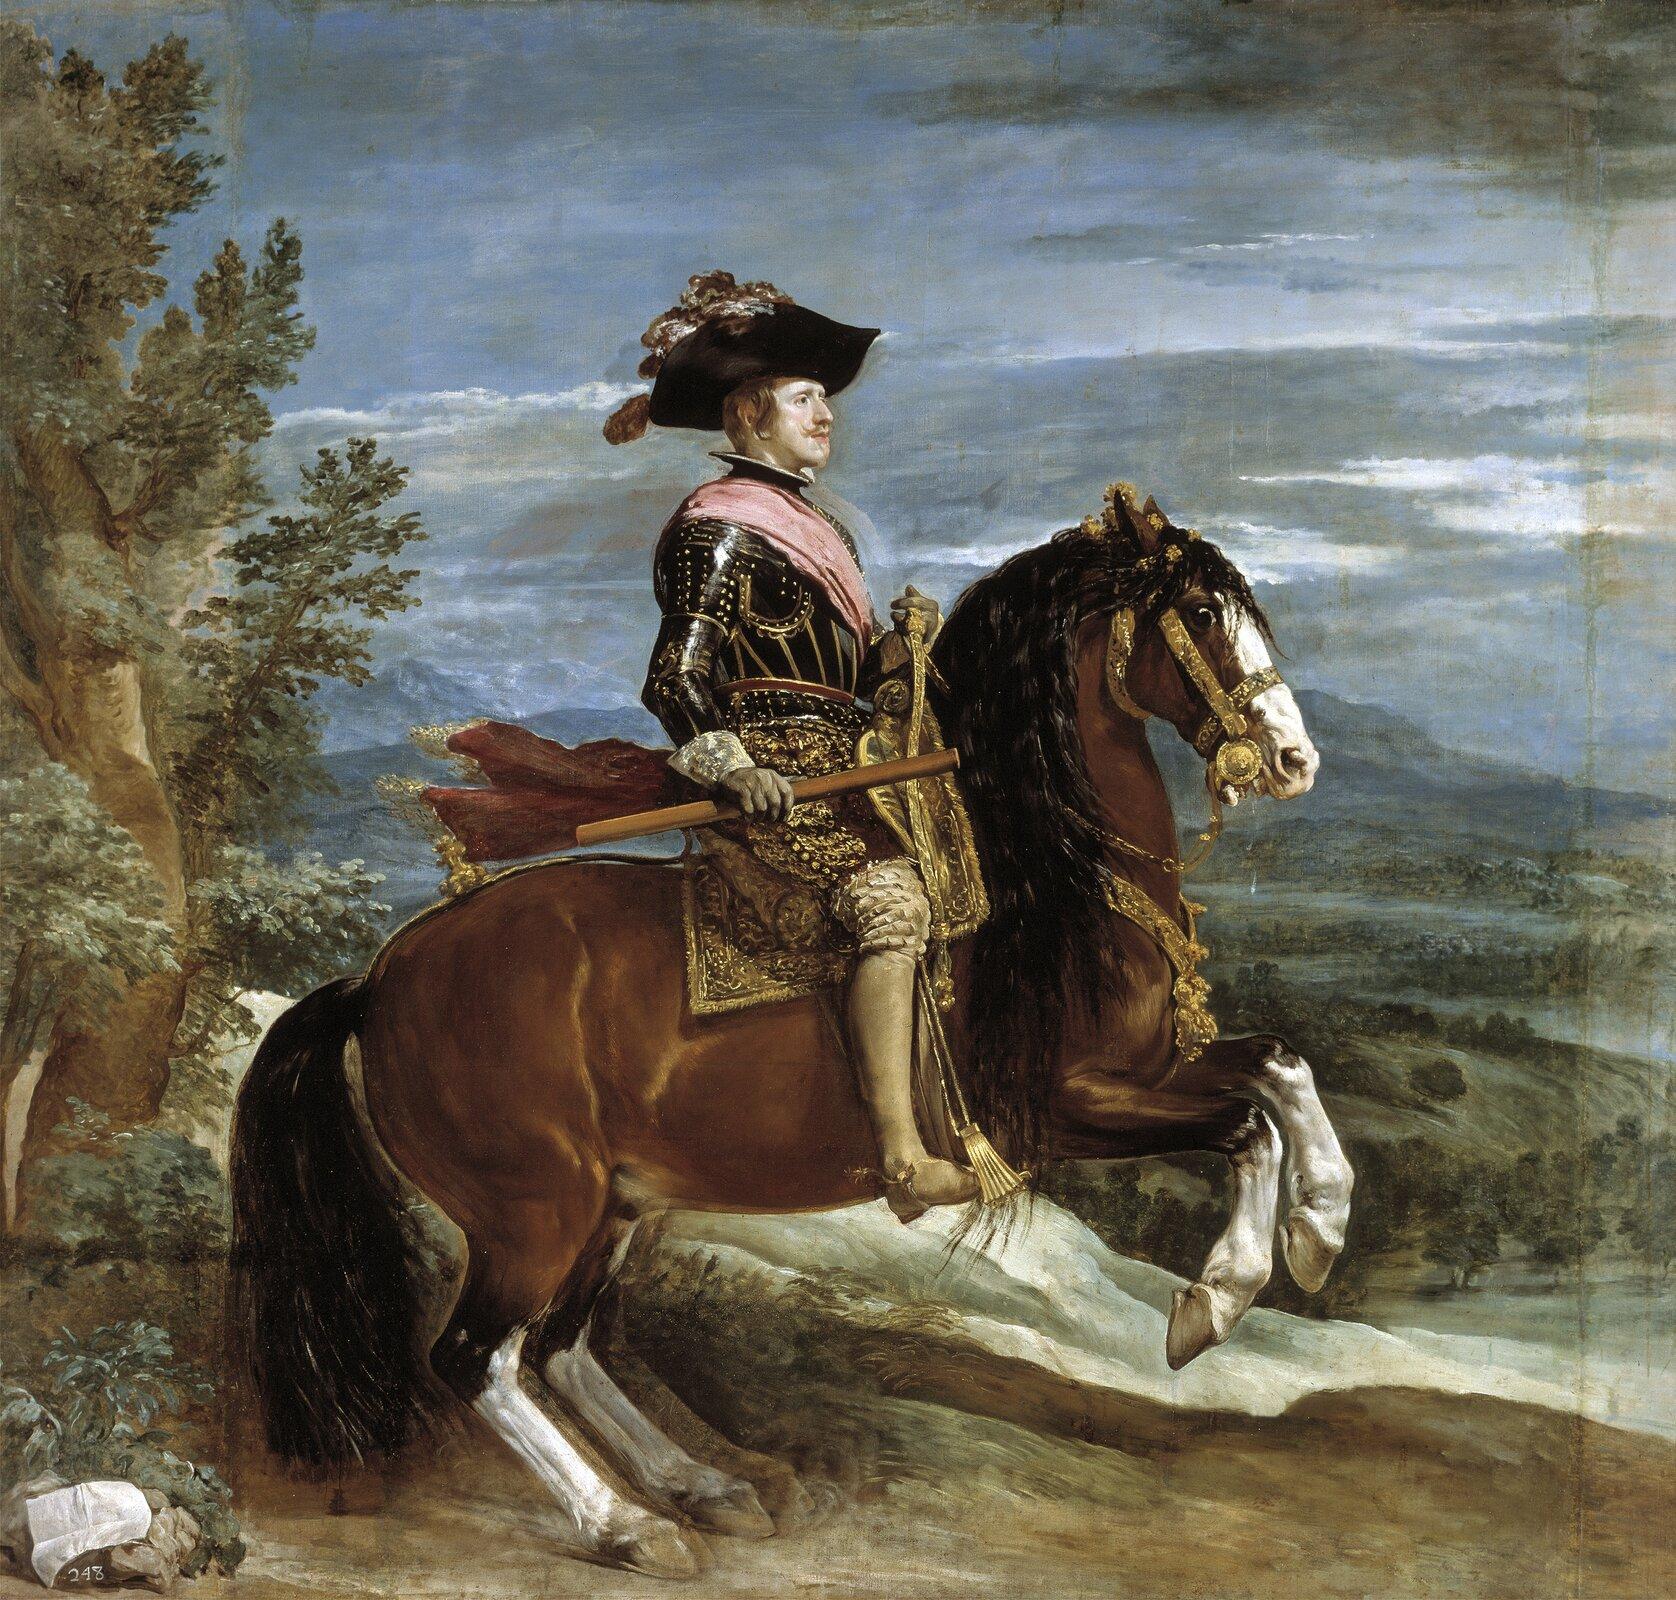 """Ilustracja przedstawia obraz Diego Velázqueza """"Portret konny Filipa IV"""". Dzieło przedstawia mężczyznę zpowagą siedzącego na koniu. Filip IV ubrany jest wczarno-złotą zbroję. Przez pierś ma przewiązaną szarfę, ana głowie założony kapelusz. Zlewej strony obrazu widoczne jest ulistnione drzewo. Wtle, wdolnej partii obrazu widoczny jest daleki krajobraz. Nad nim rozciąga się niebieskie niebo zszarymi chmurami."""